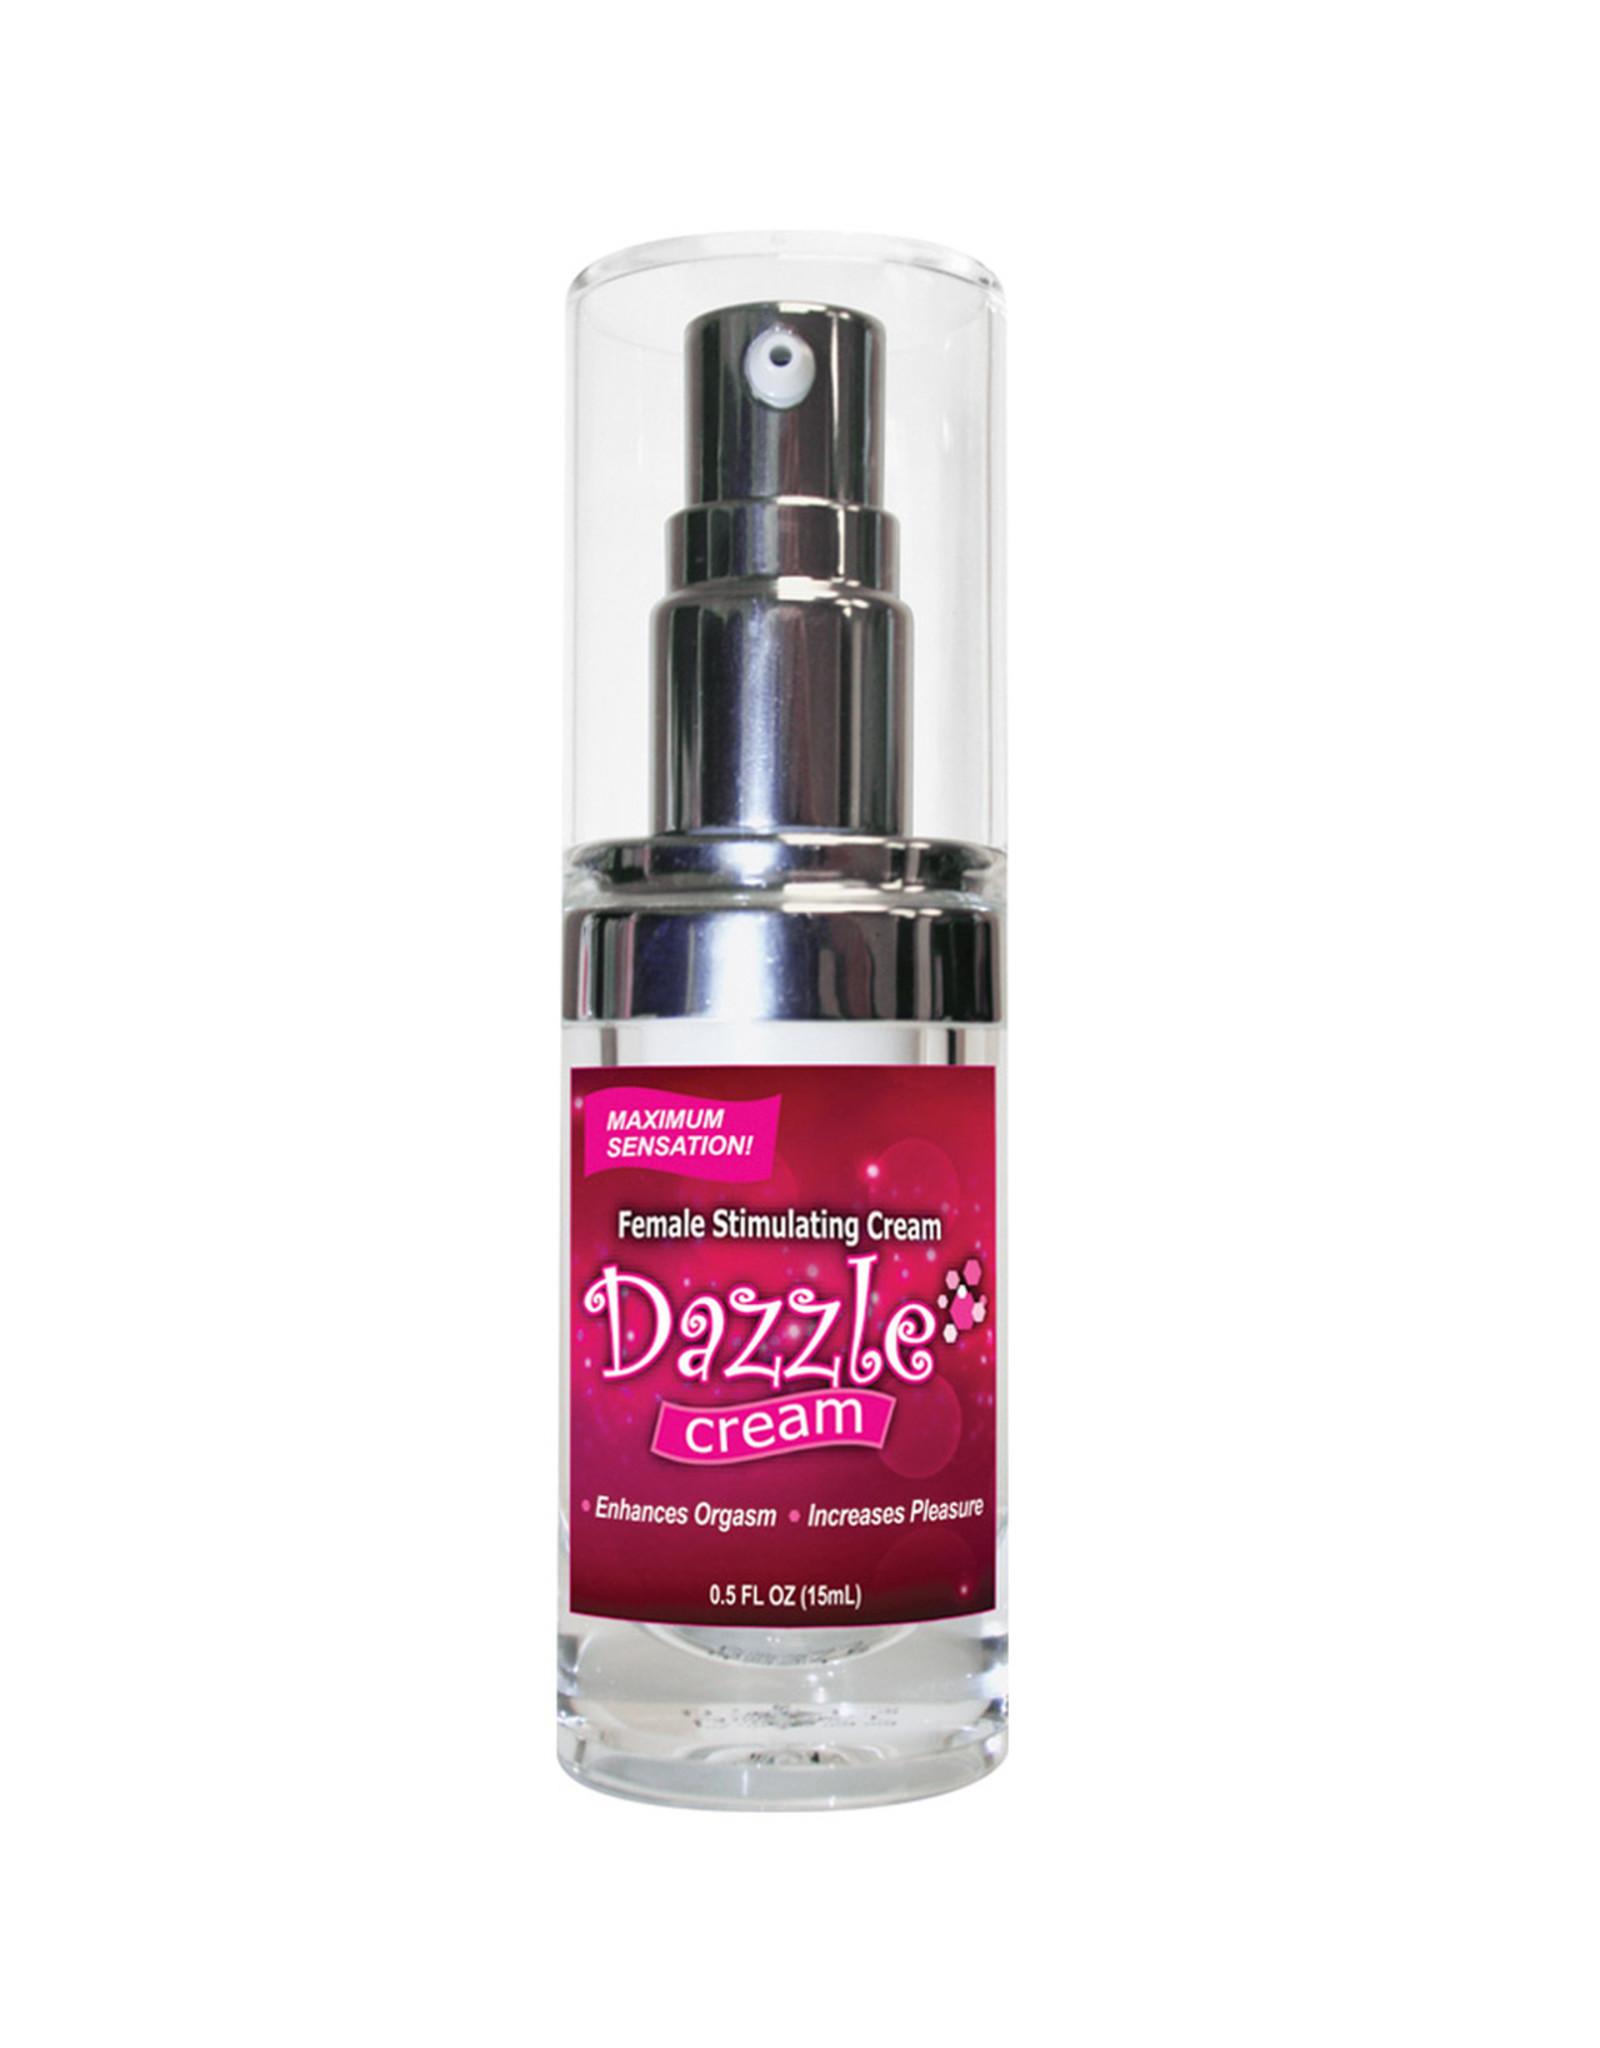 Dazzle Female Stimulating Cream